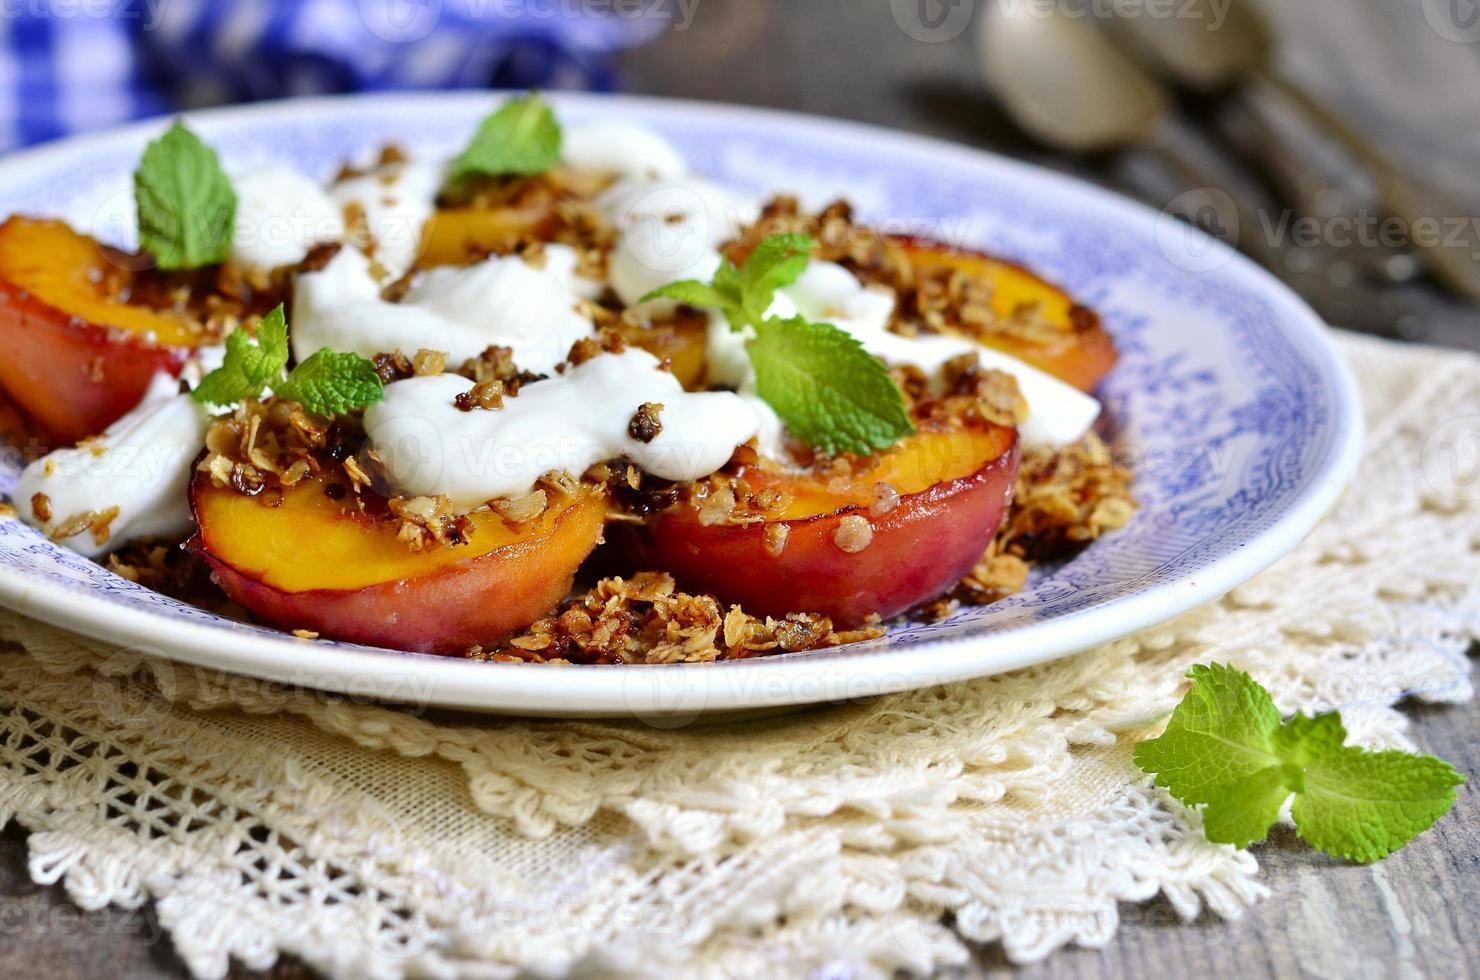 Gegrillte Pfirsiche mit Müsli und Schlagsahne. foto